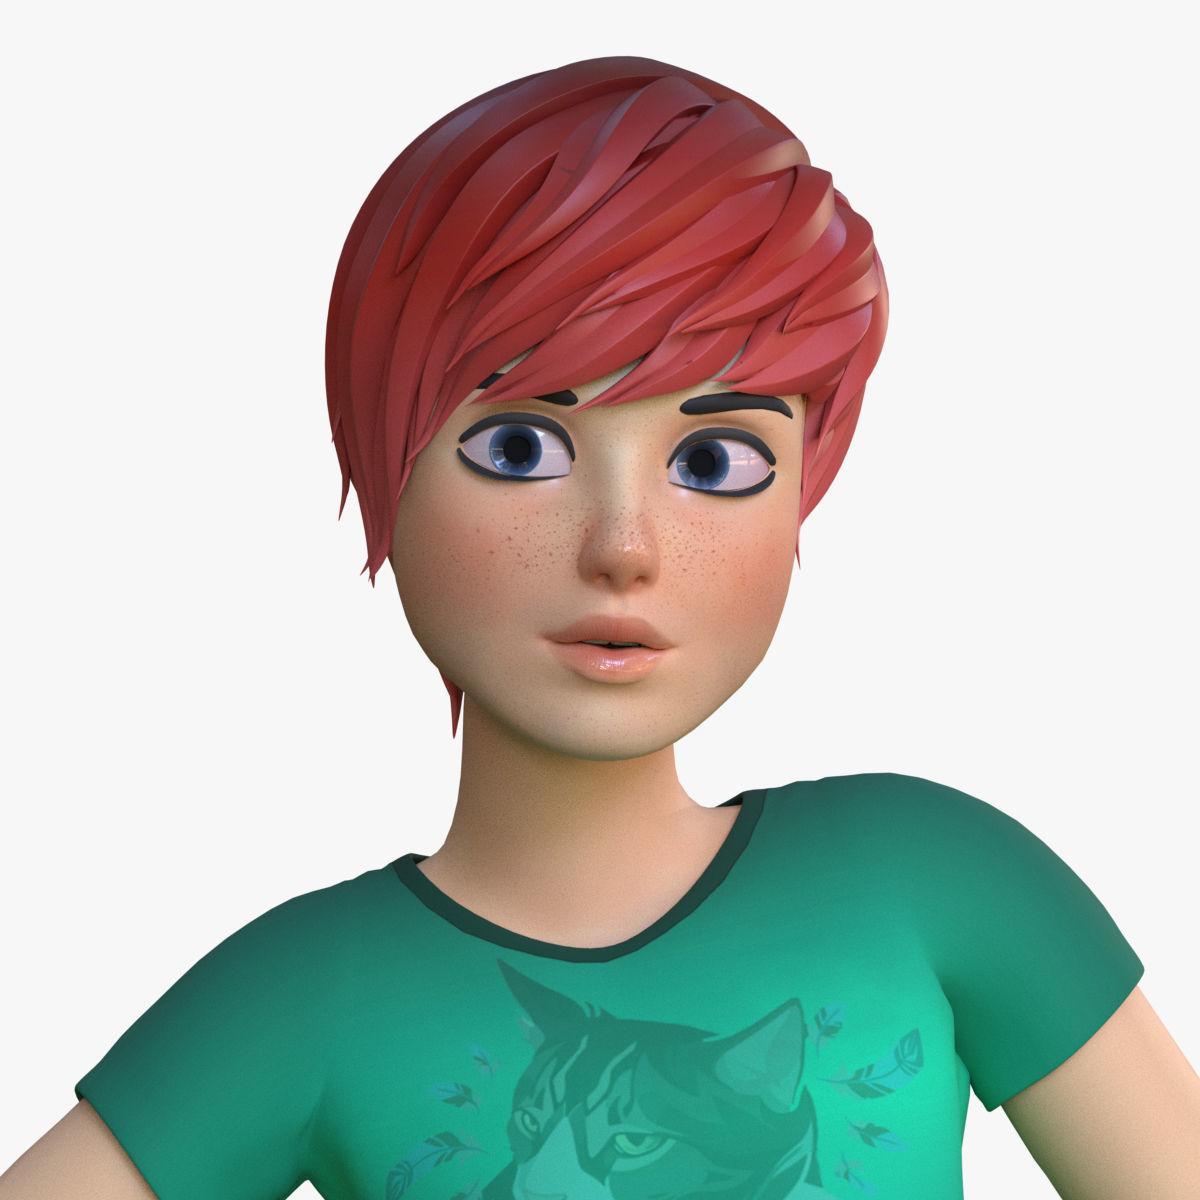 Teen Girl cartoon